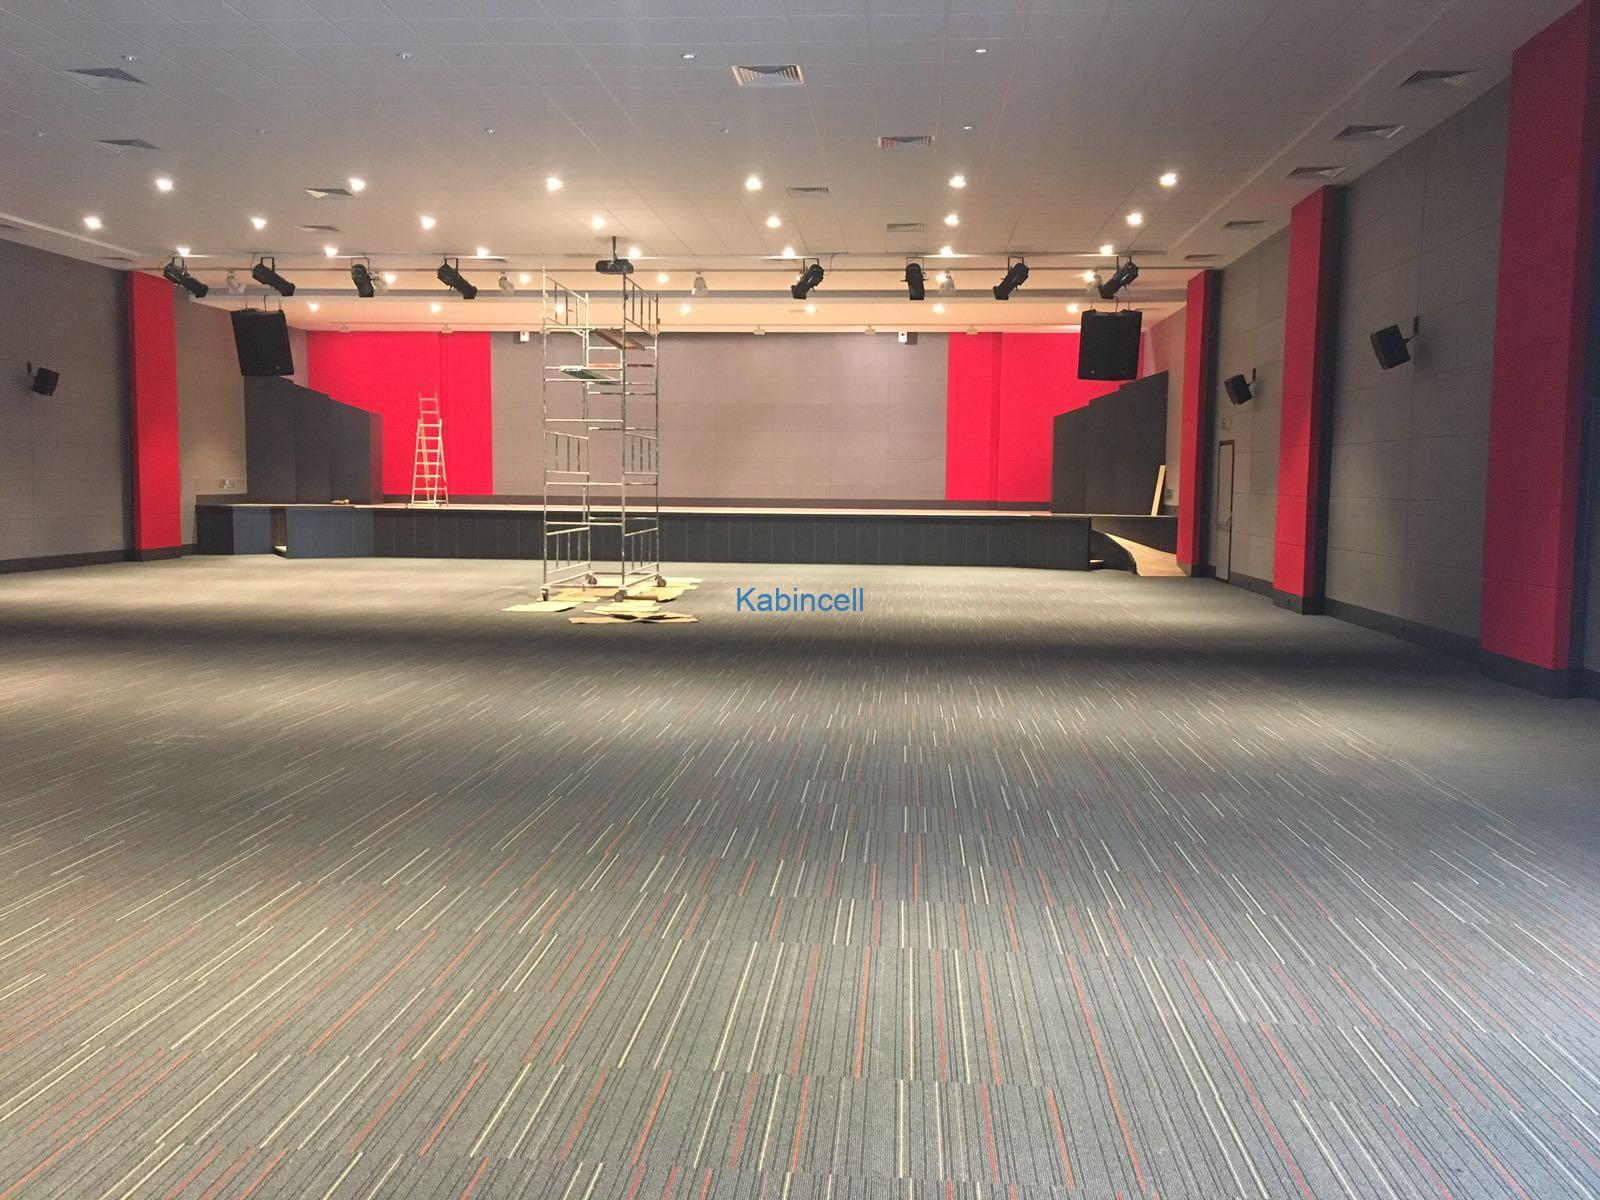 konerens-salonu-duvar-akustigi-atakoy-olimpiyat-evi9